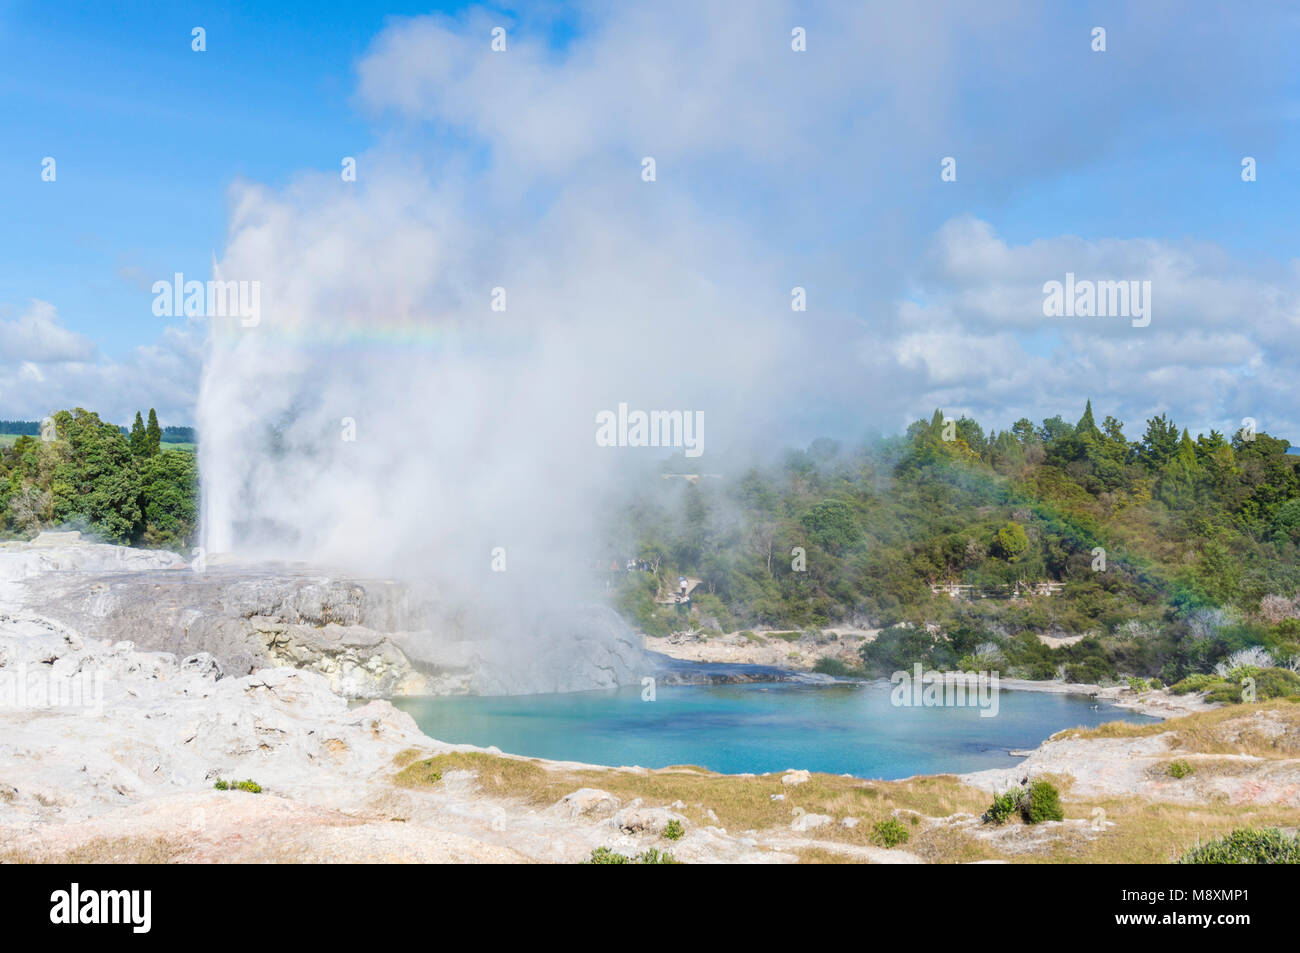 Nouvelle zélande Rotorua Nouvelle zélande Rotorua whakarewarewa geyser Pohutu geyser prince-de-Galles Photo Stock